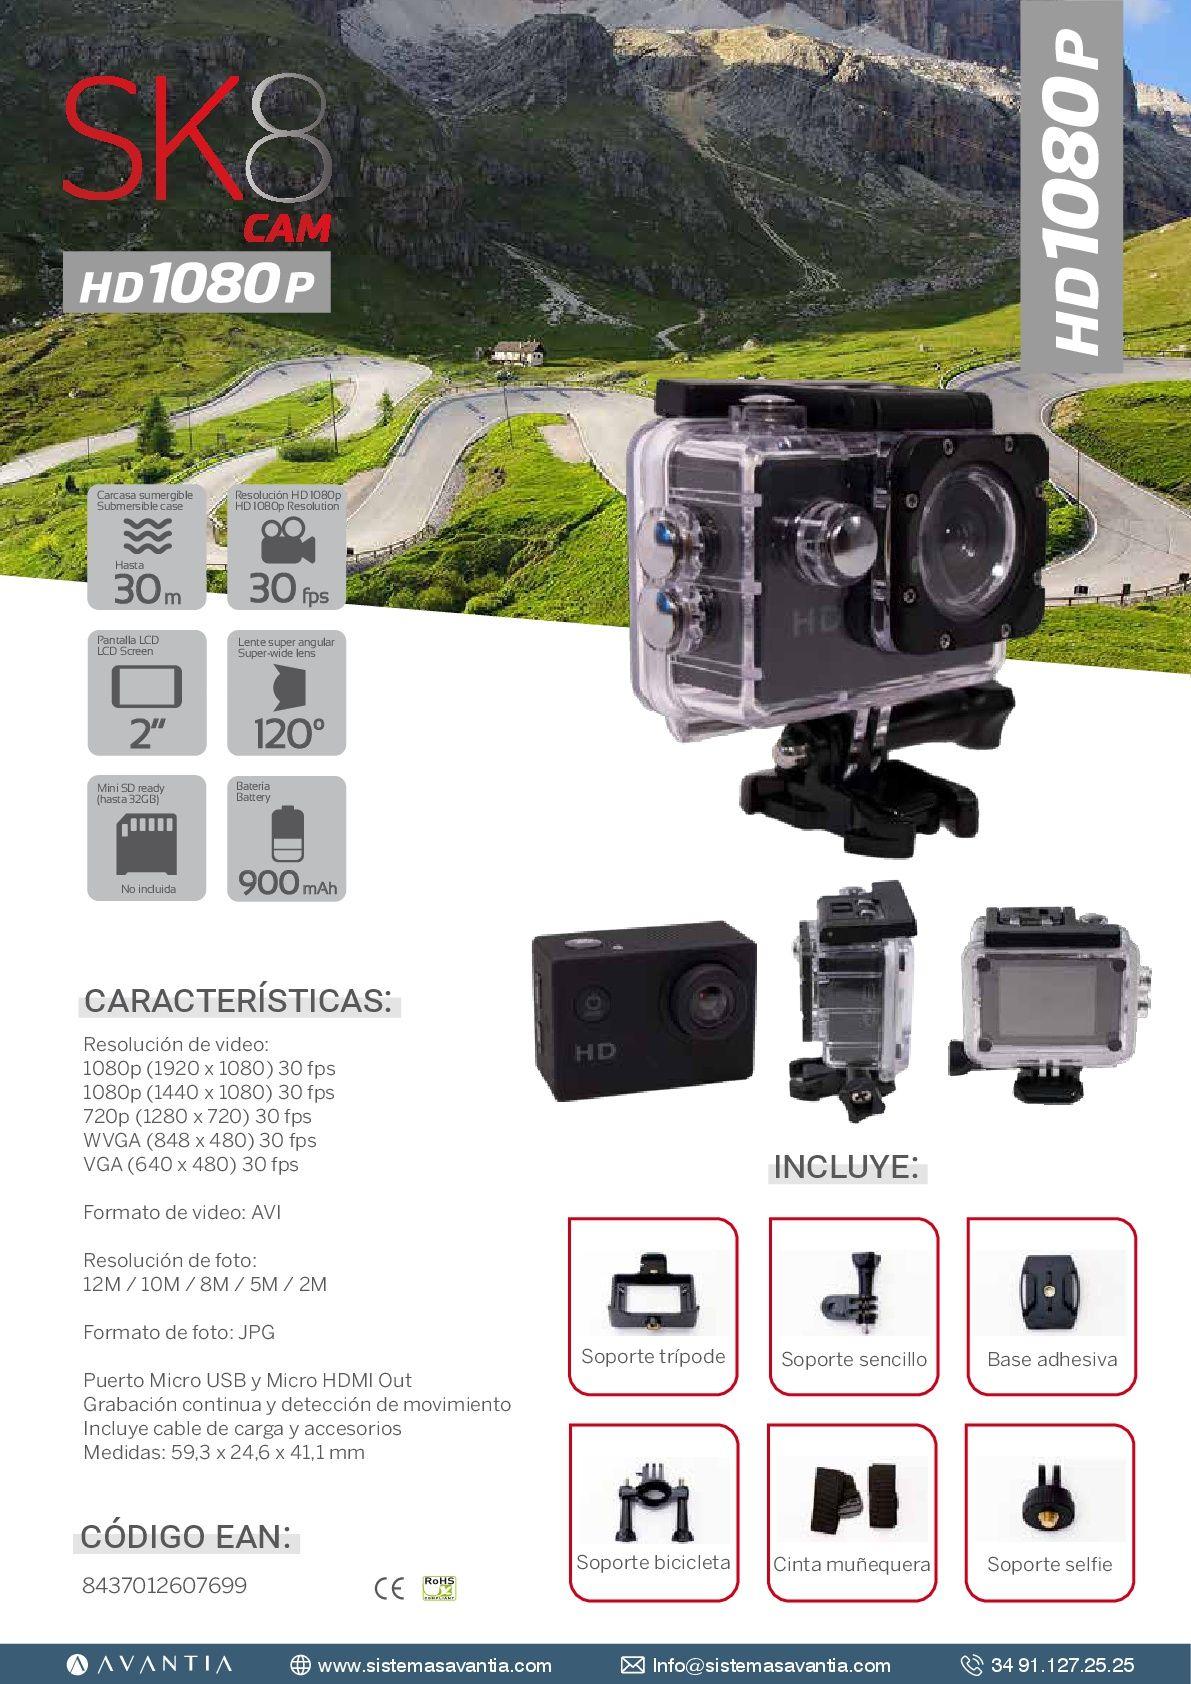 SK8 CAM 1080HD        PVP 45,00€